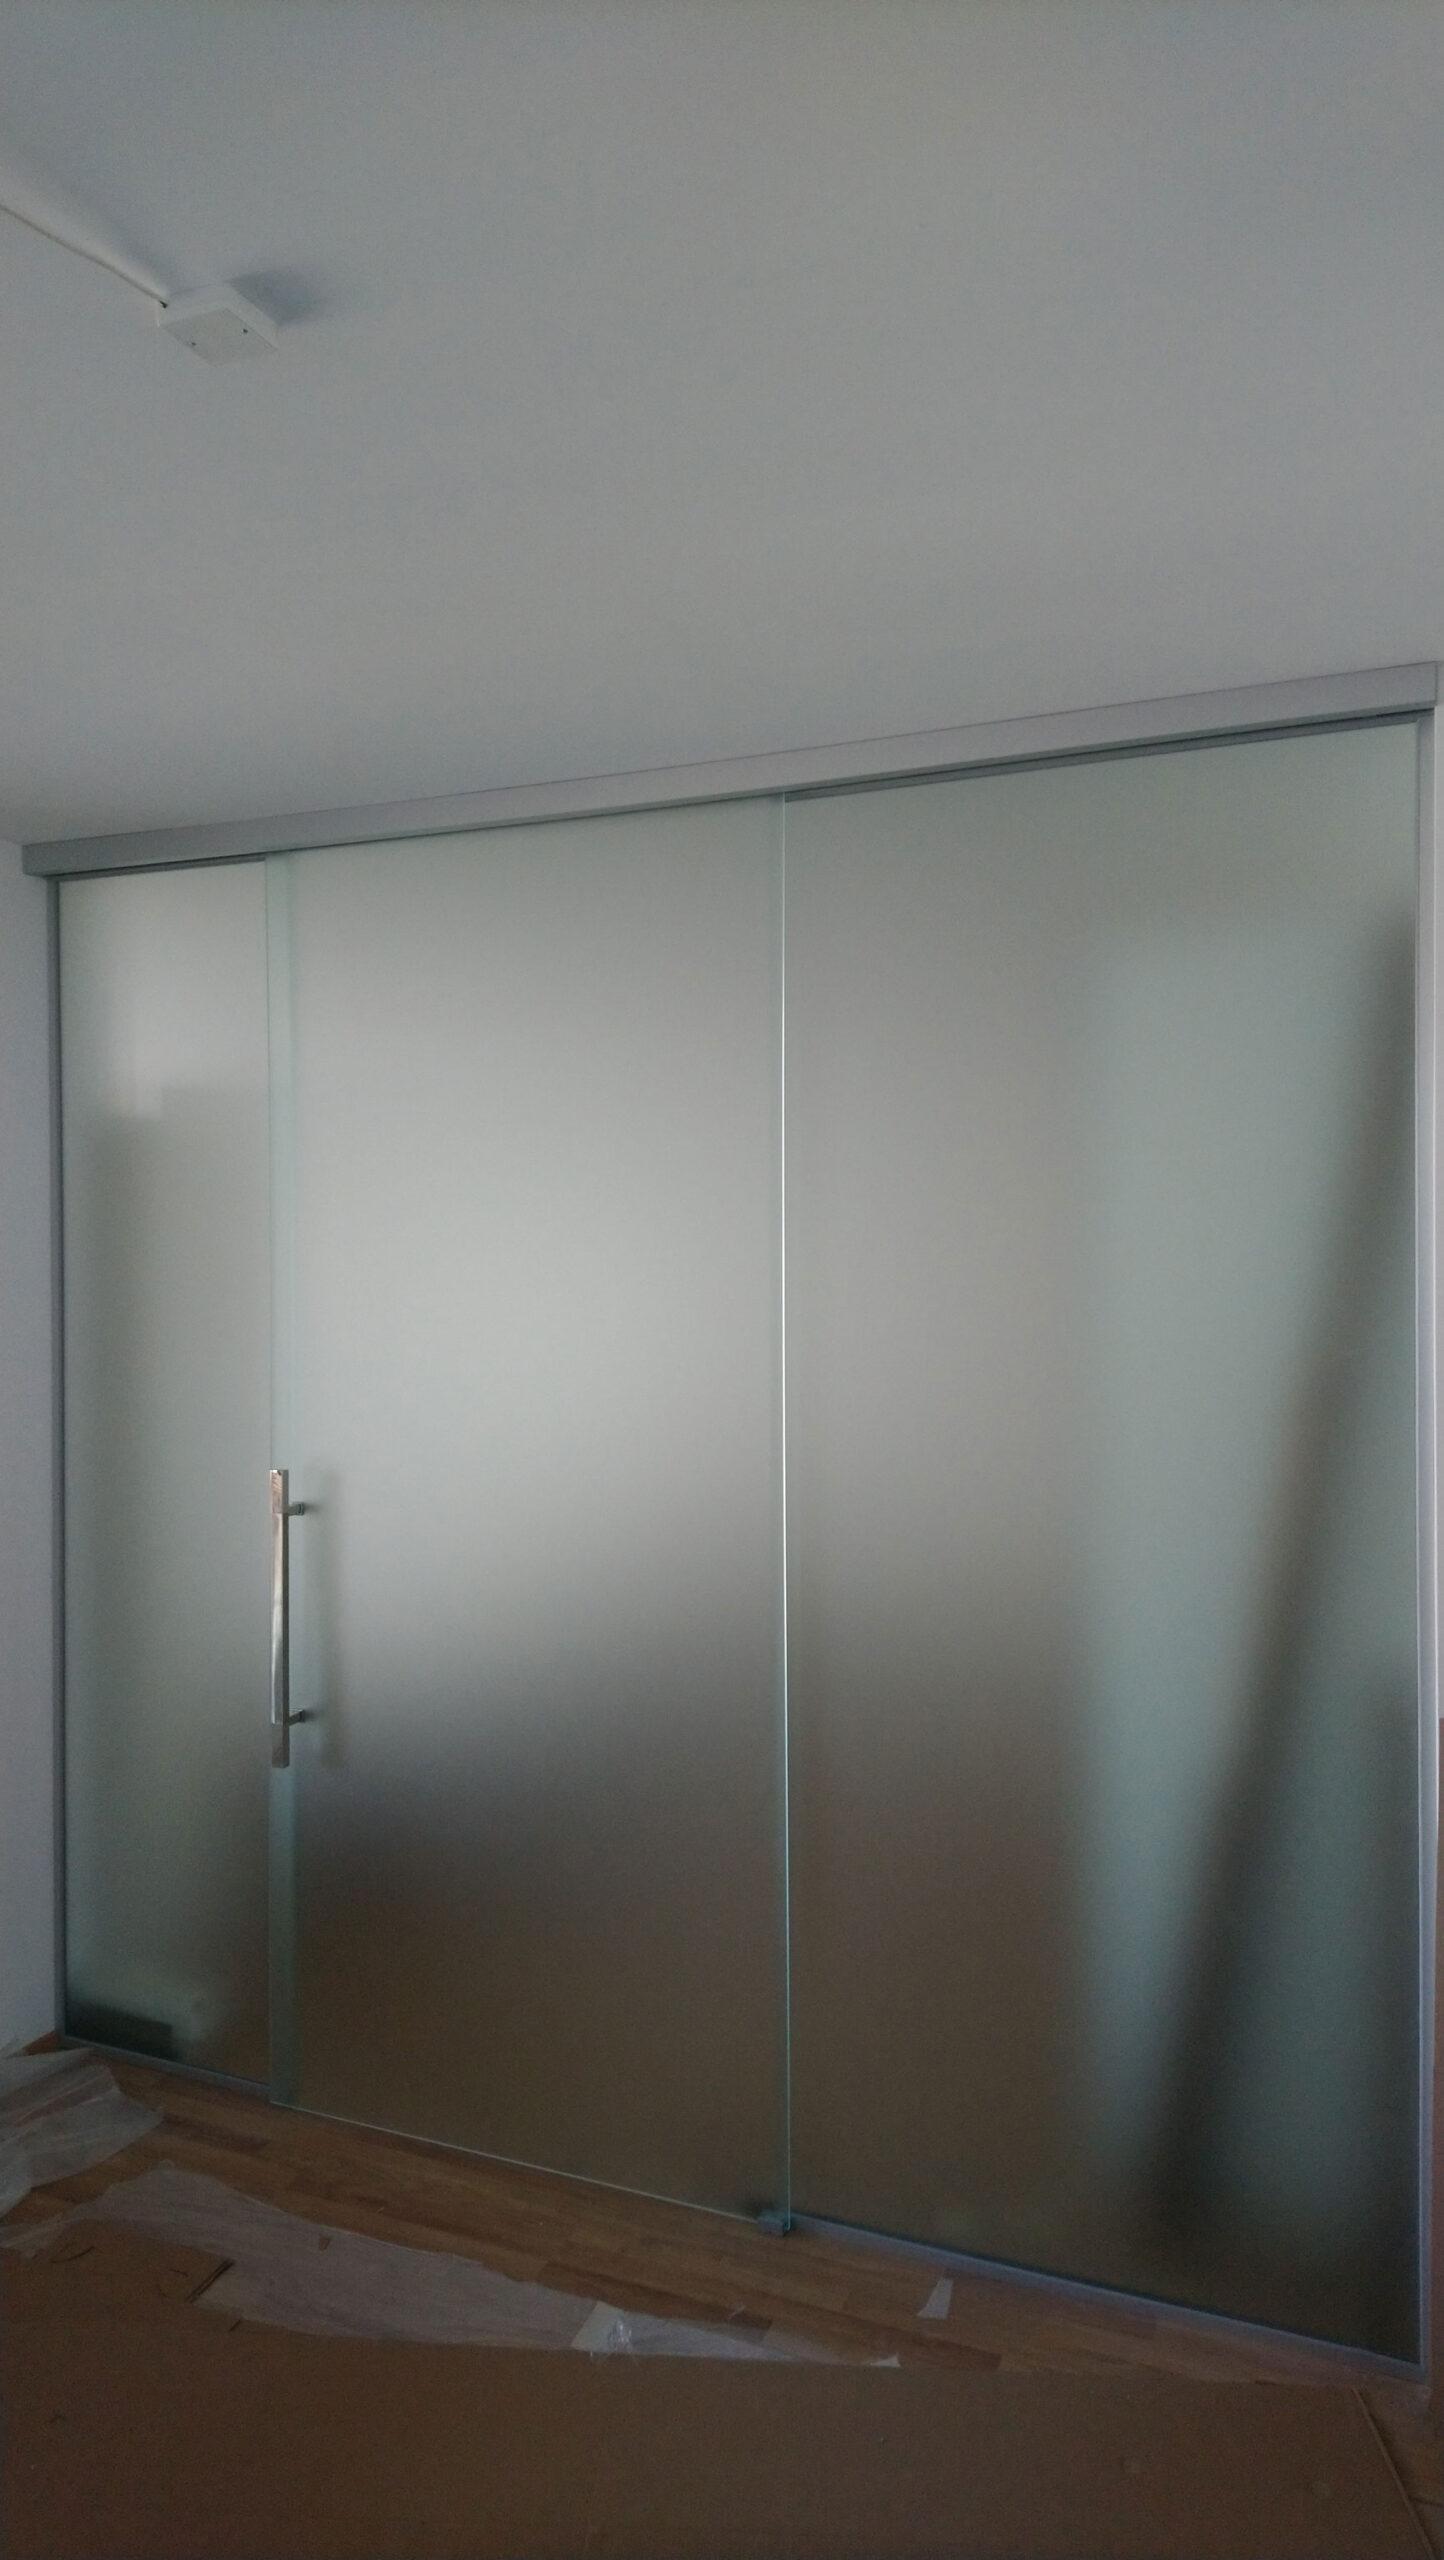 Sklenarstvi-Prerost-posuvne- dvere (6)